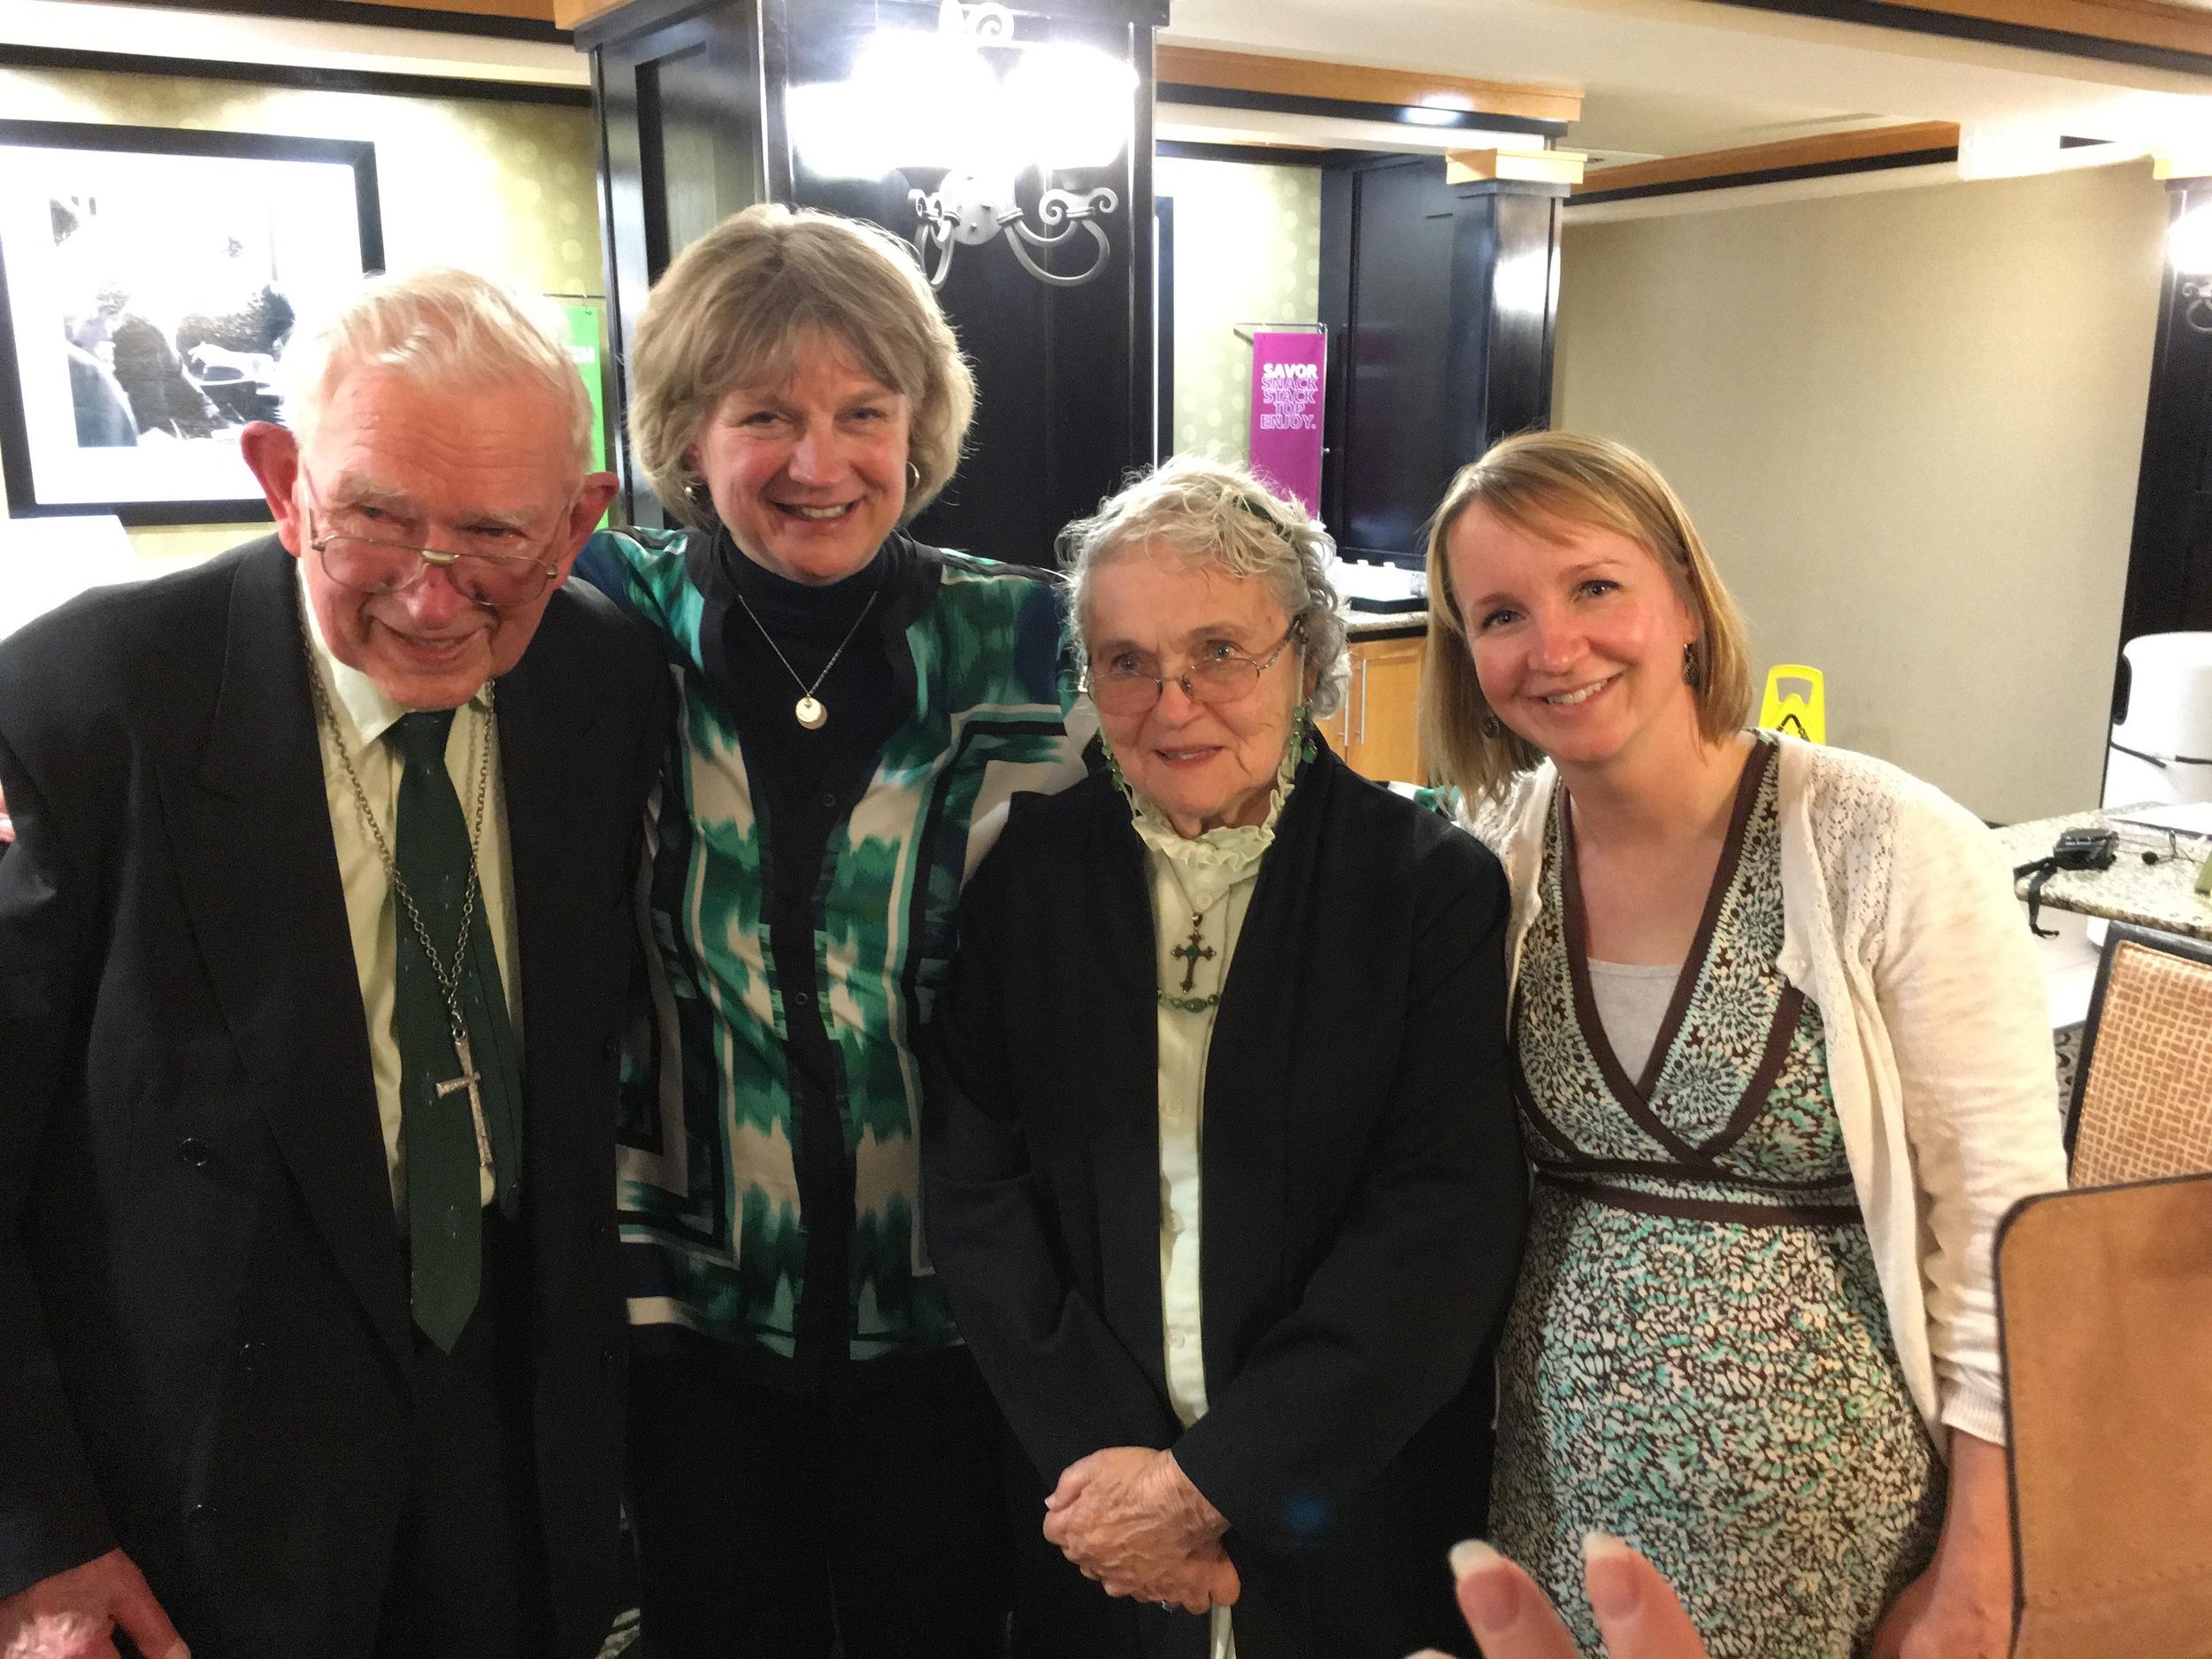 Graetzes with Bishop Ann Svennungsen and Pastor Stephanie Coltvet Erdmann